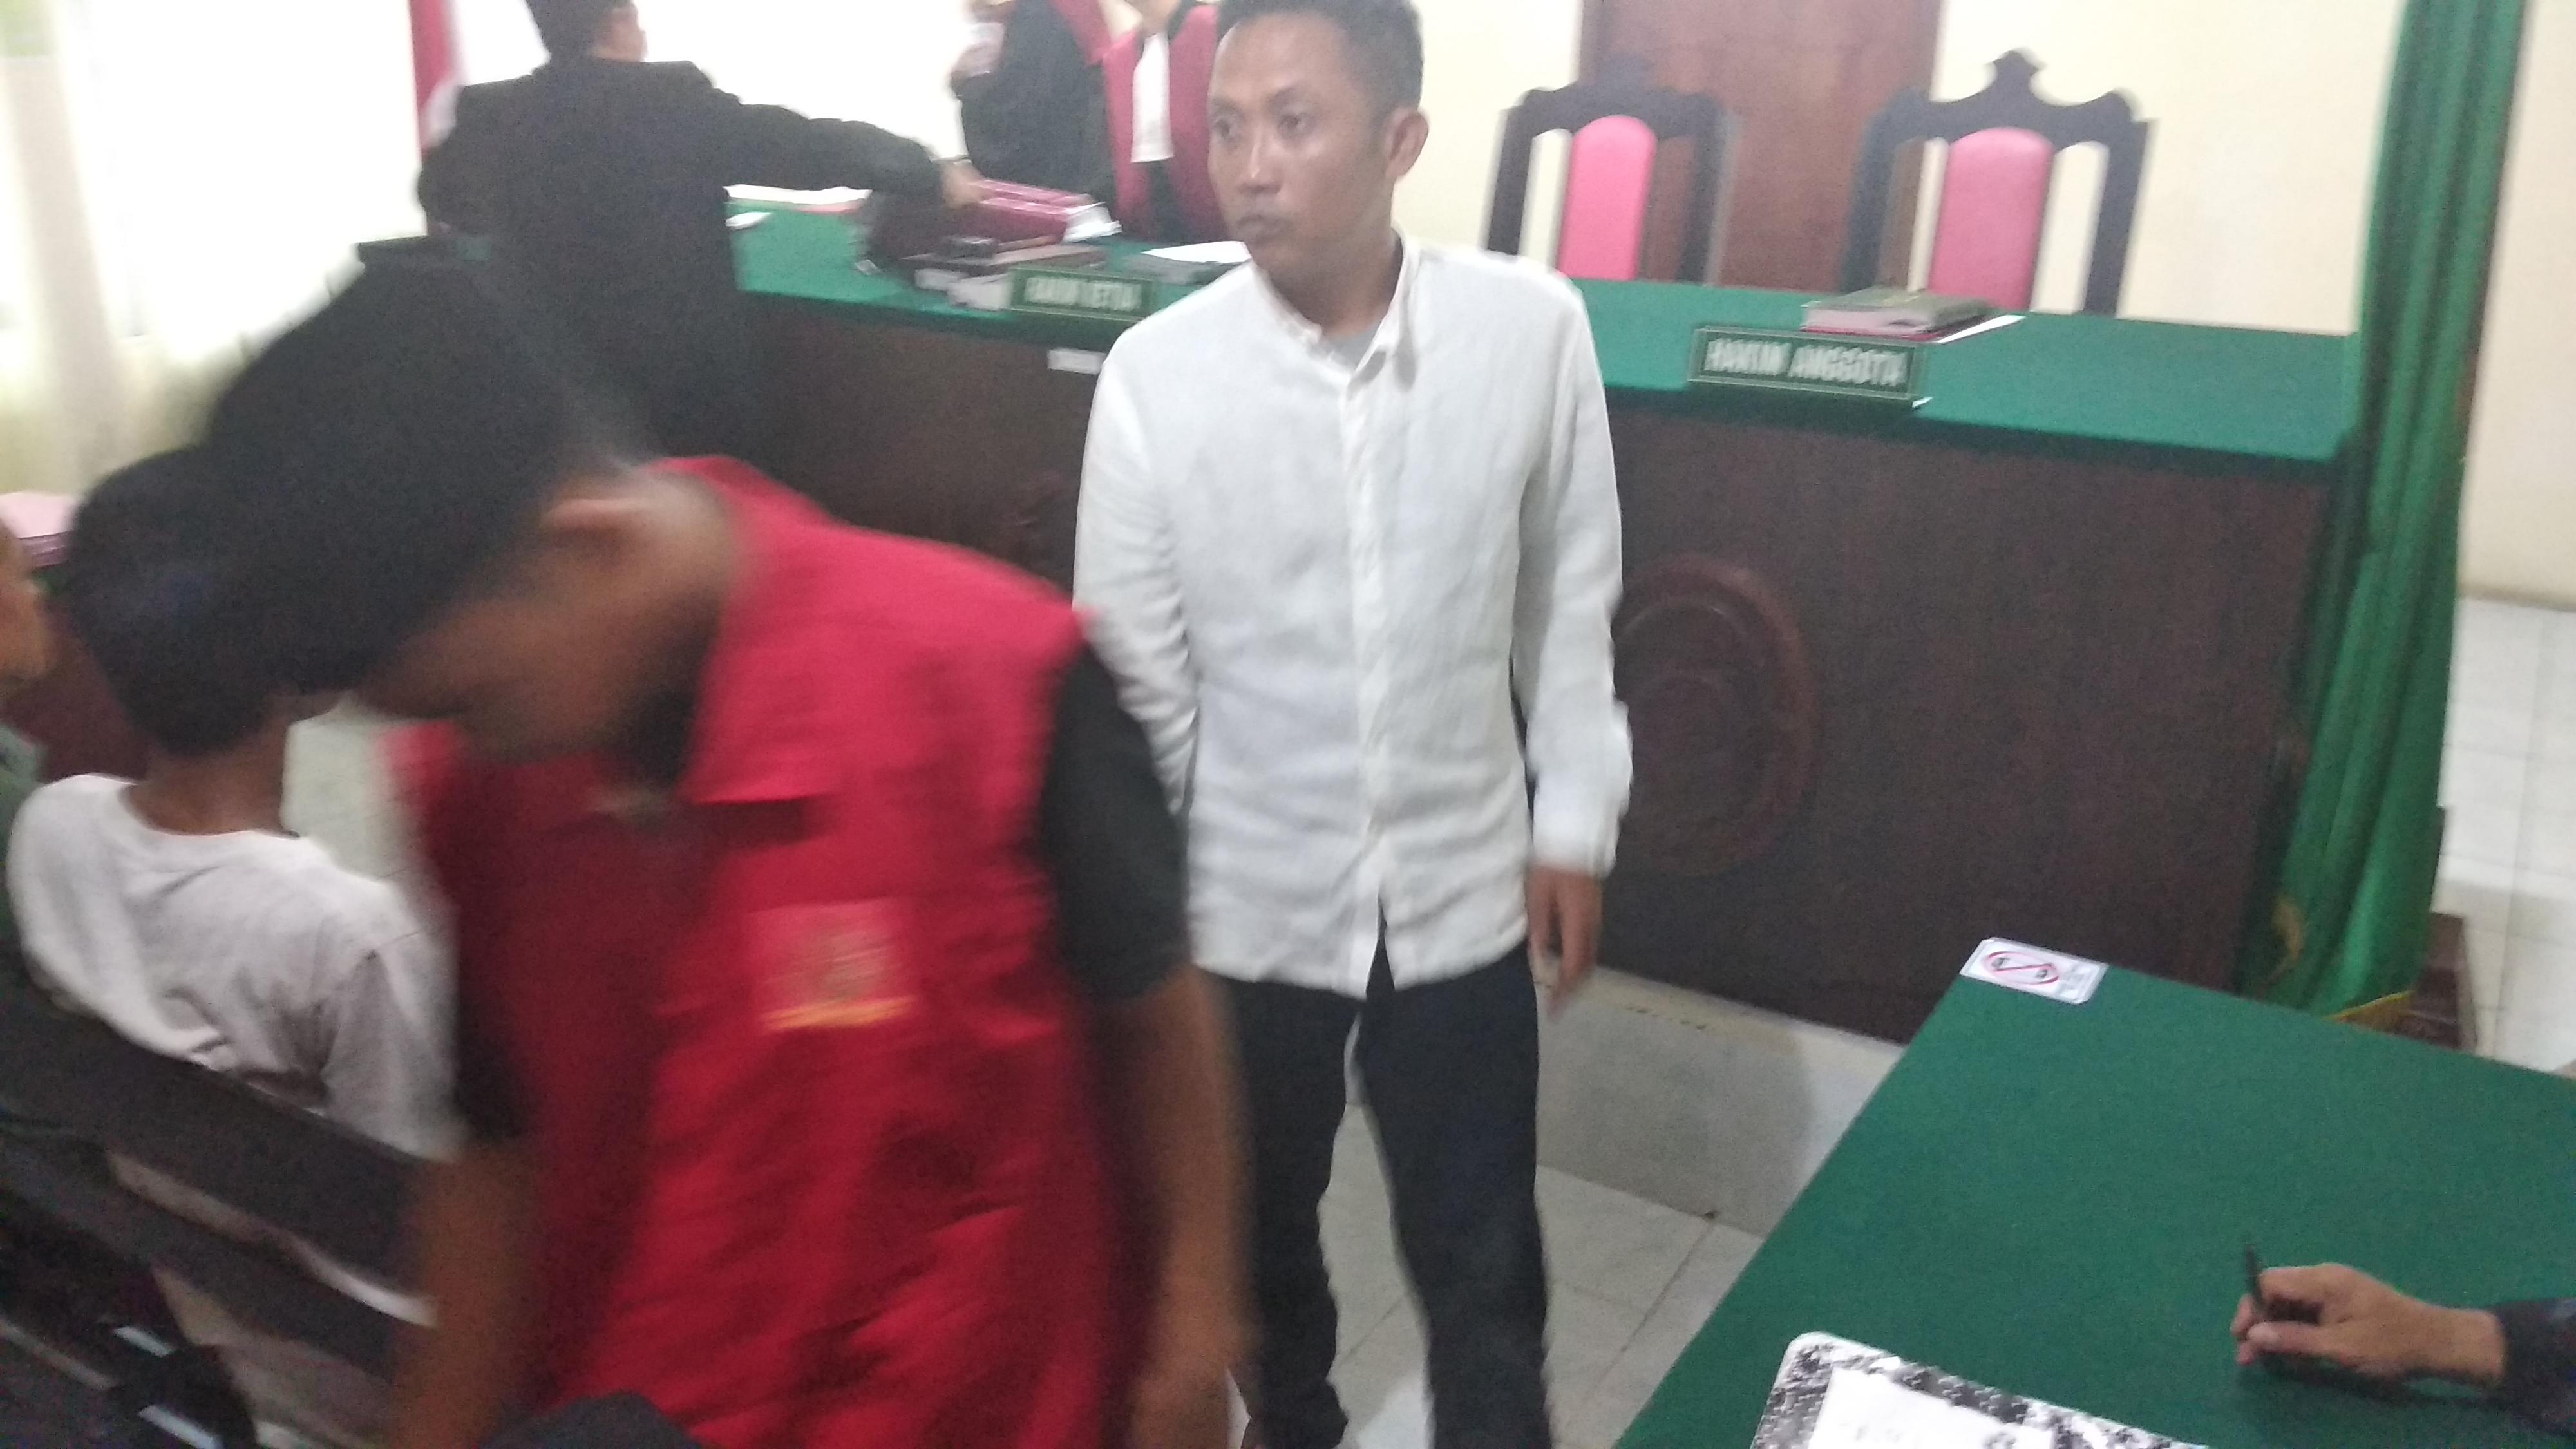 Gunakan Sabu, Cahya dan Aldin Divonis 2 Tahun Penjara